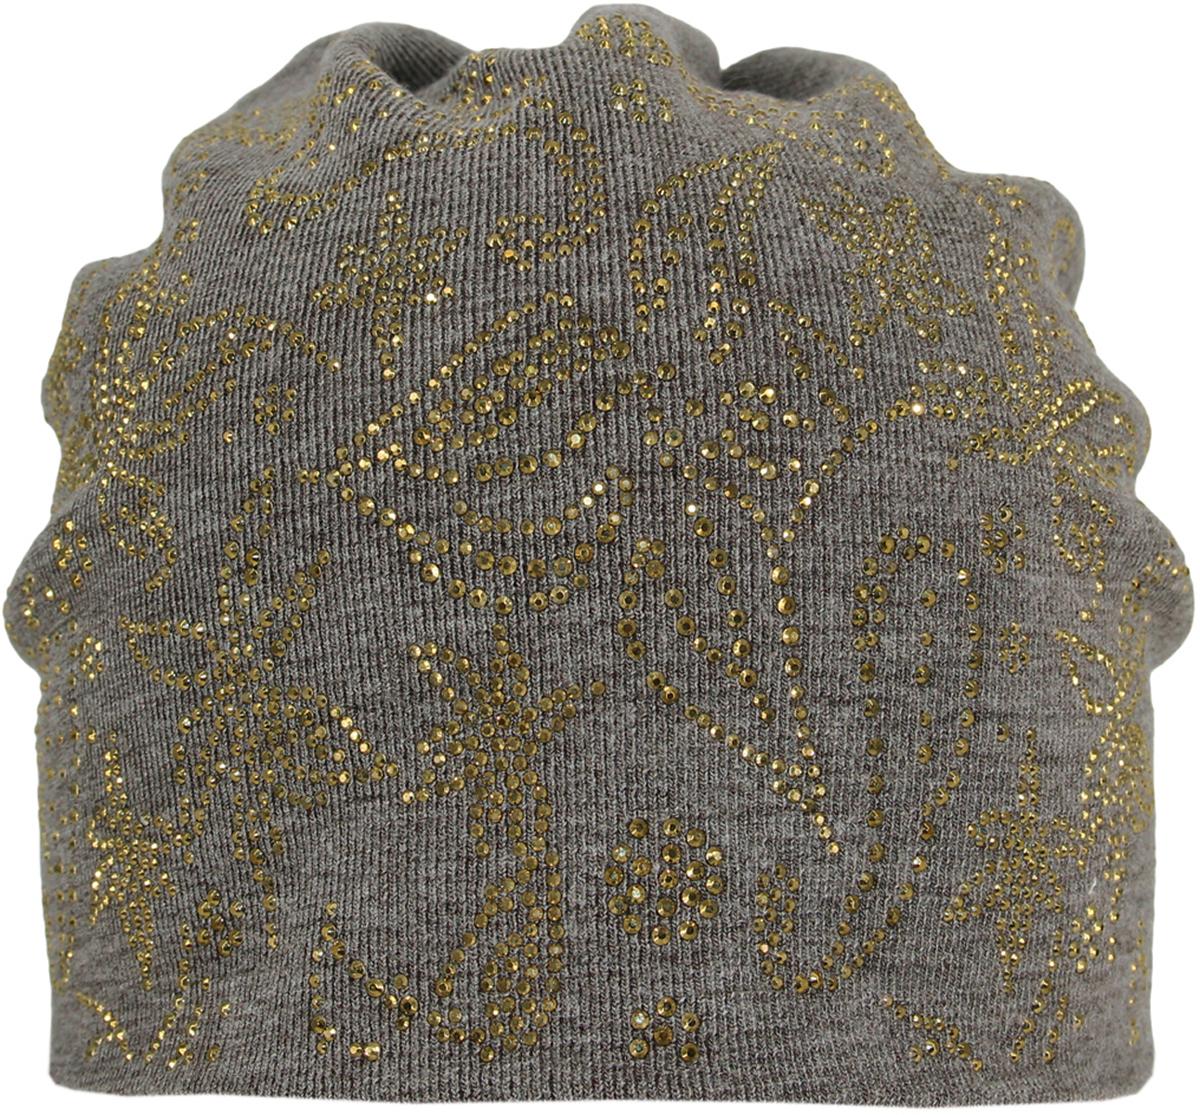 Шапка383624Стильная женская шапка Level Pro дополнит ваш наряд и не позволит вам замерзнуть в холодное время года. Шапка выполнена из шерсти и полиэстера, что позволяет ей великолепно сохранять тепло, и обеспечивает высокую эластичность и удобство посадки. Изделие оформлено оригинальным принтом выложенным из страз. Такая шапка составит идеальный комплект с модной верхней одеждой, в ней вам будет уютно и тепло.